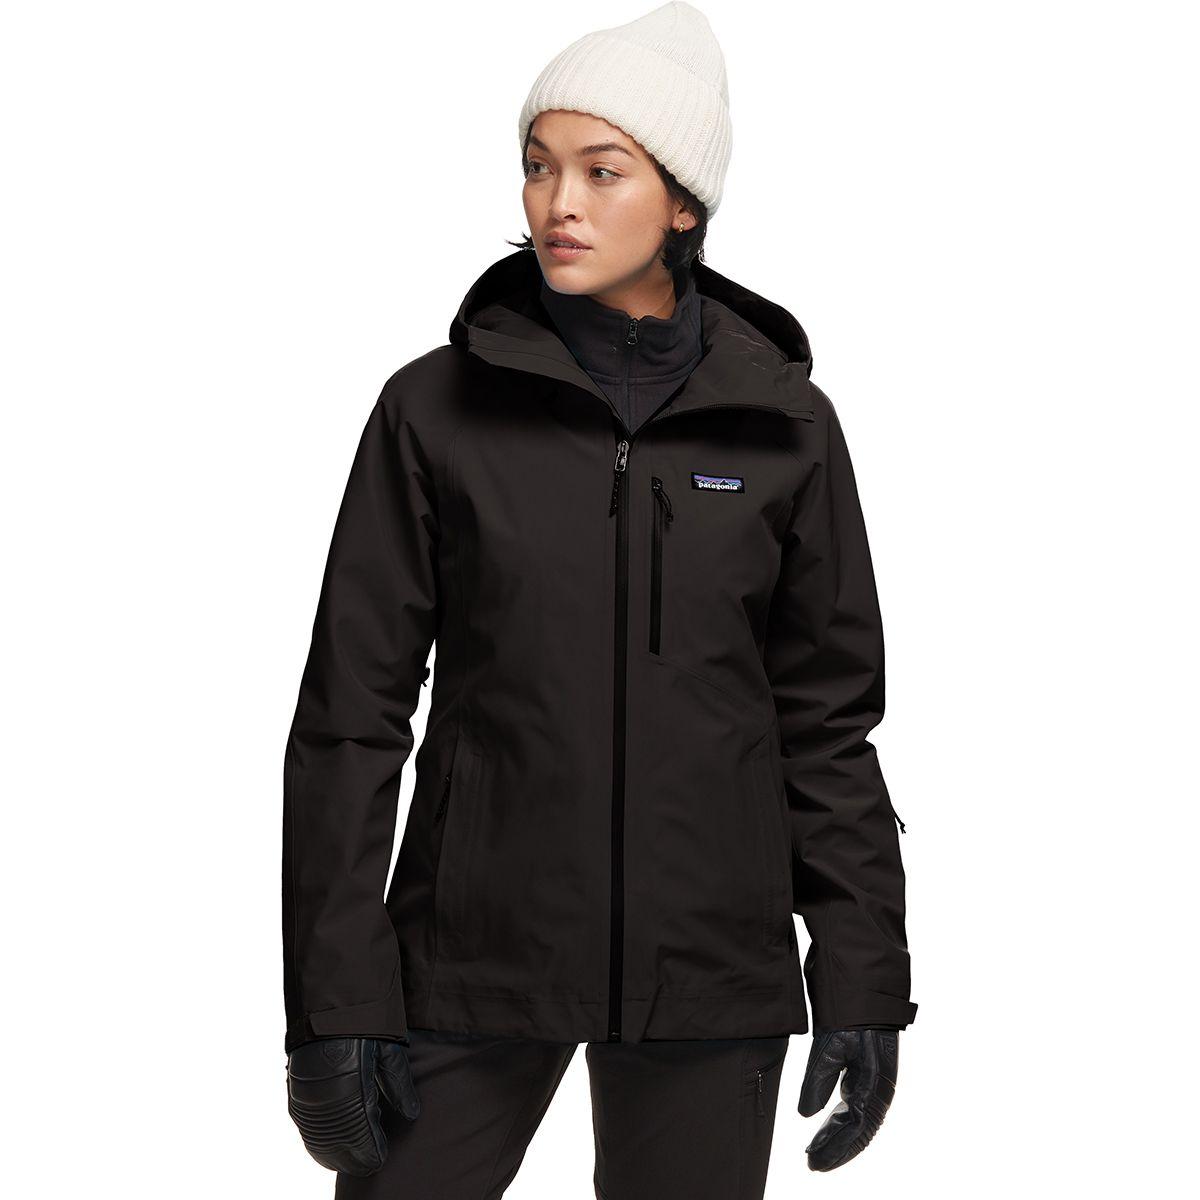 Snowsport Jackets